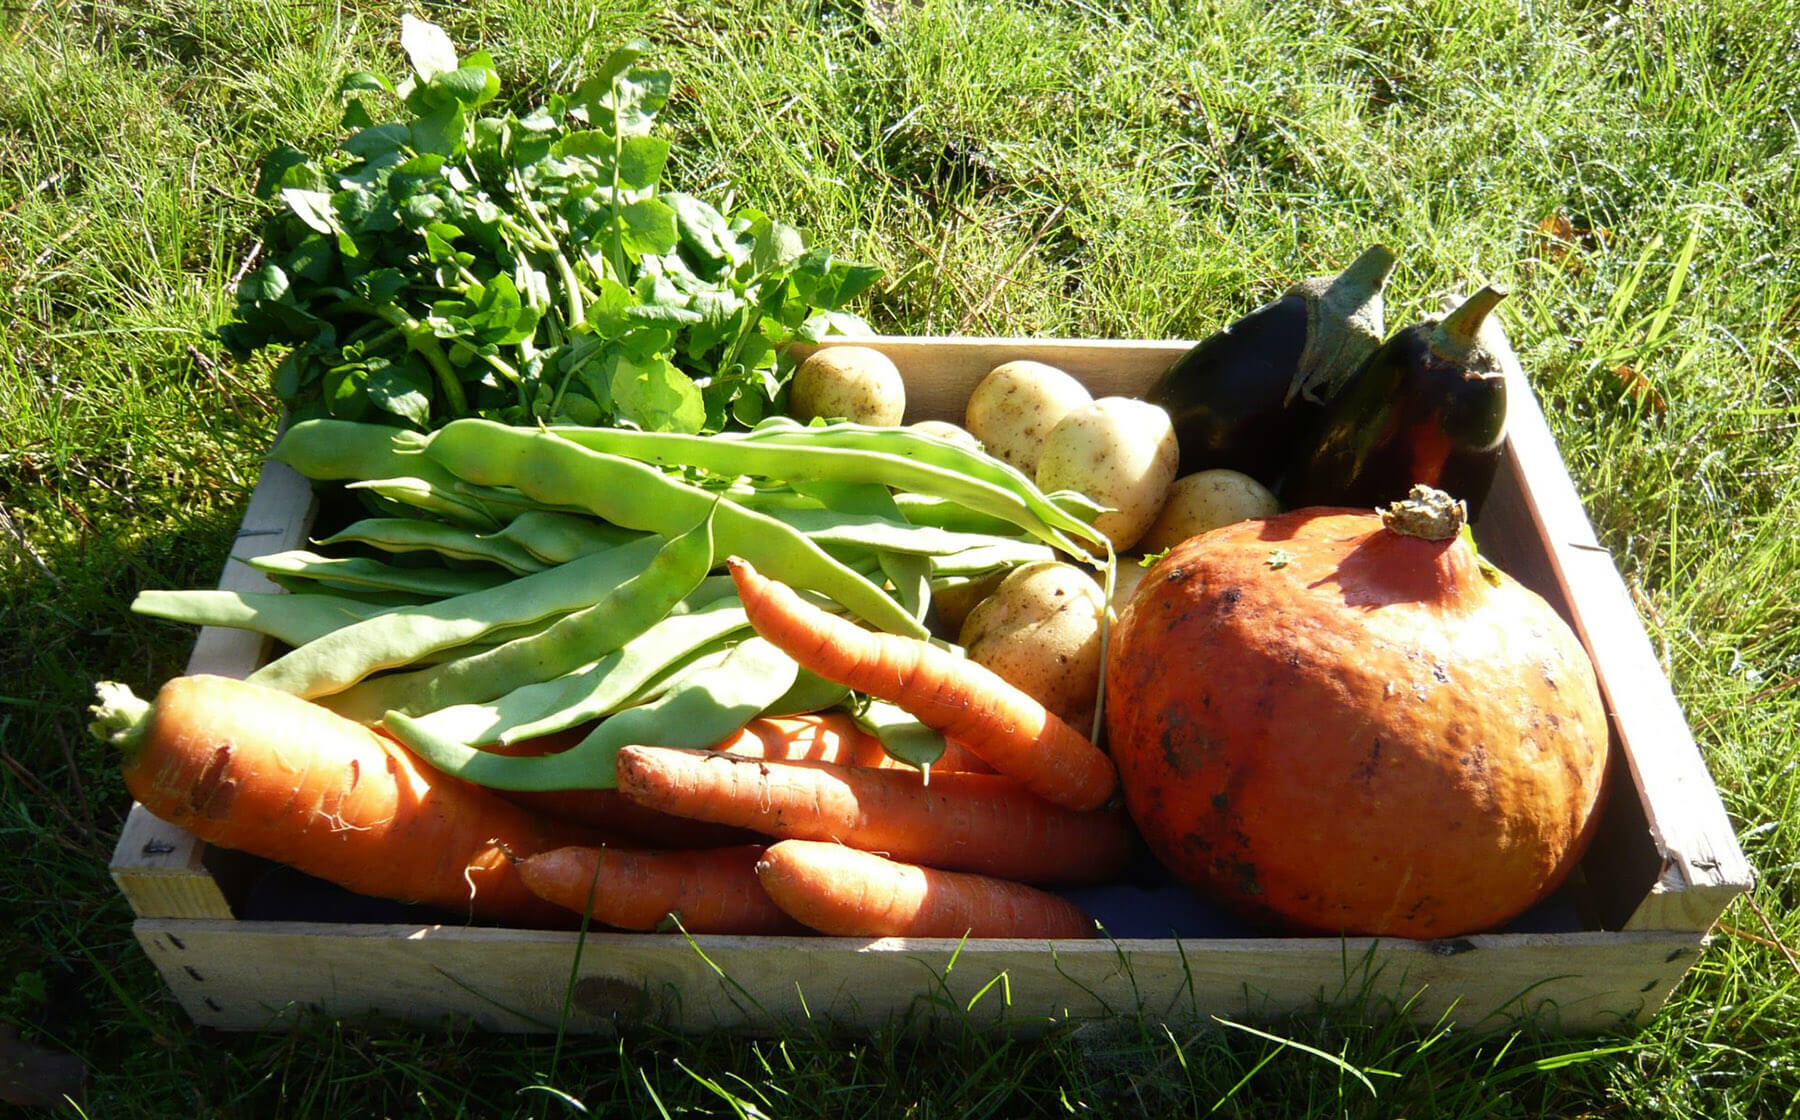 Panier bio avec des carottes, aubergines, pommes de terre, des pois et un potiron